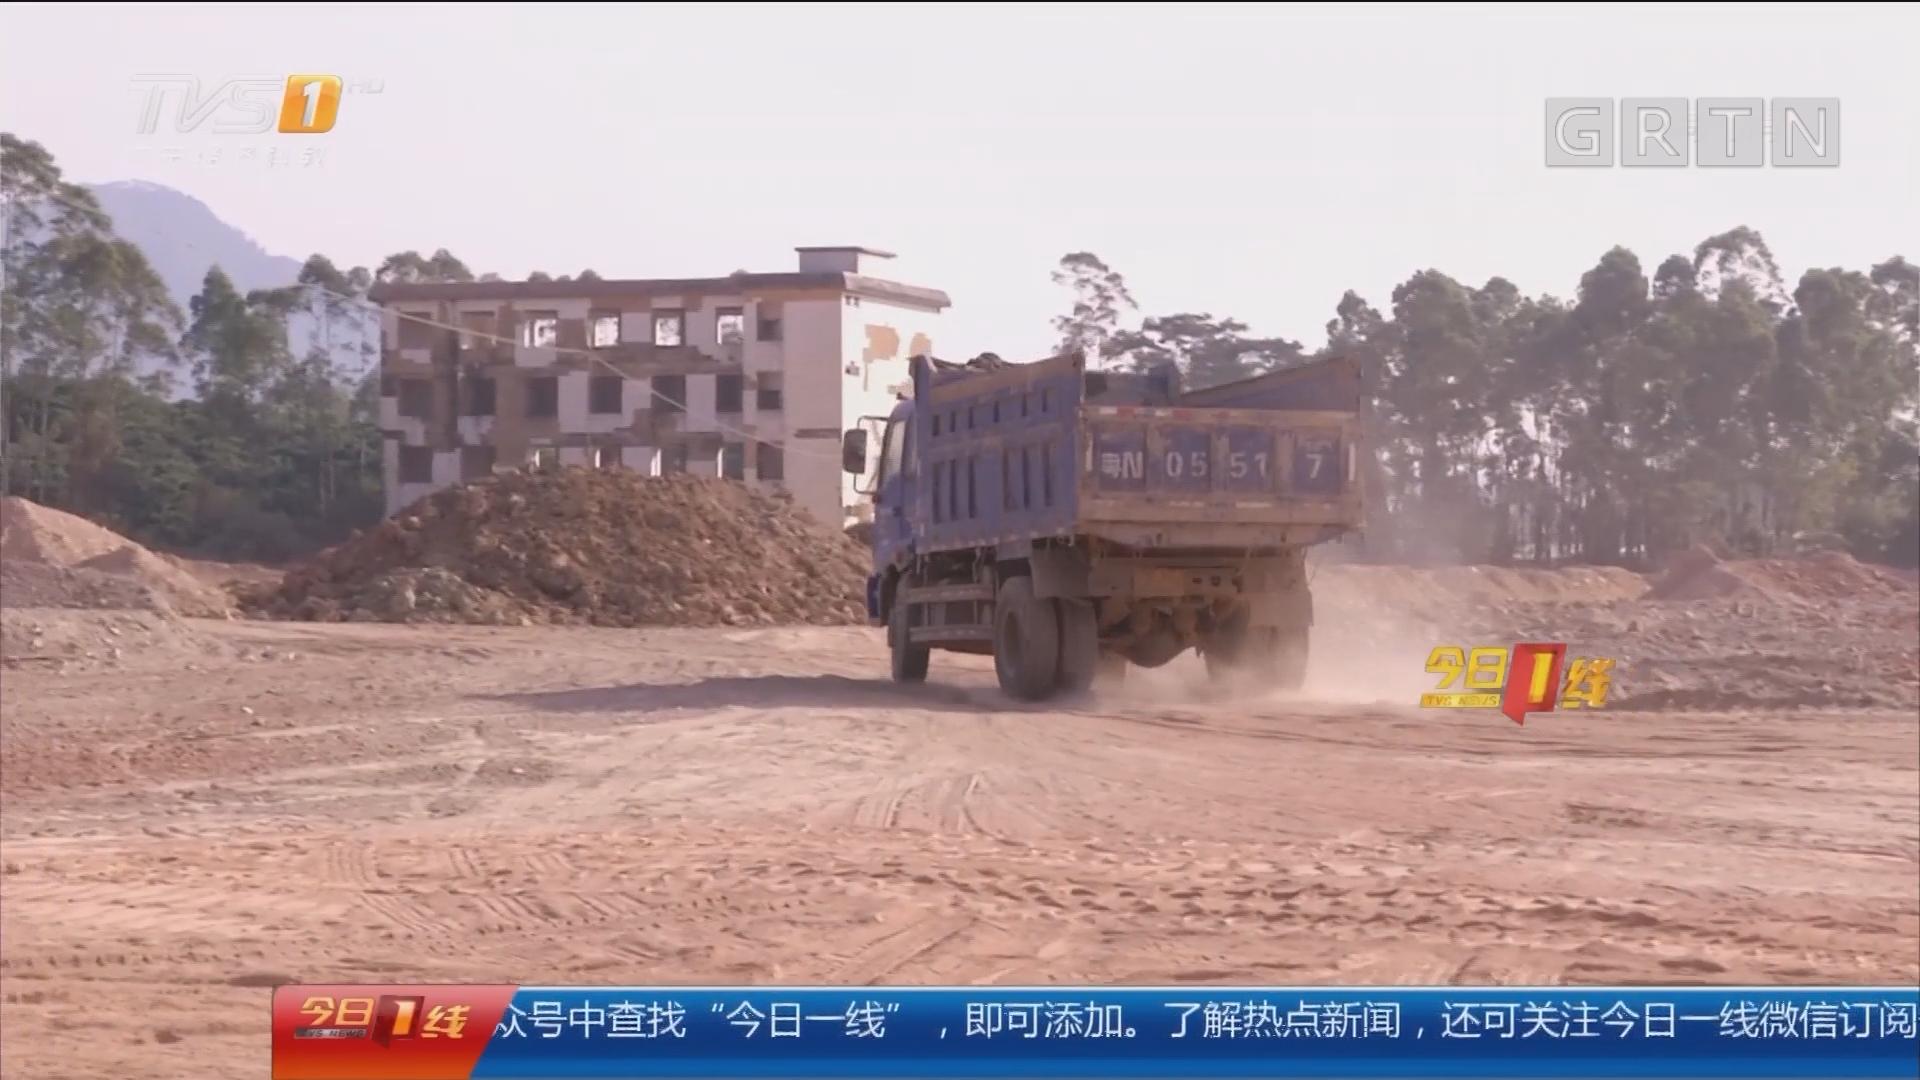 惠州博罗:晒泥场紧邻居民楼 尘土飞扬严重扰民